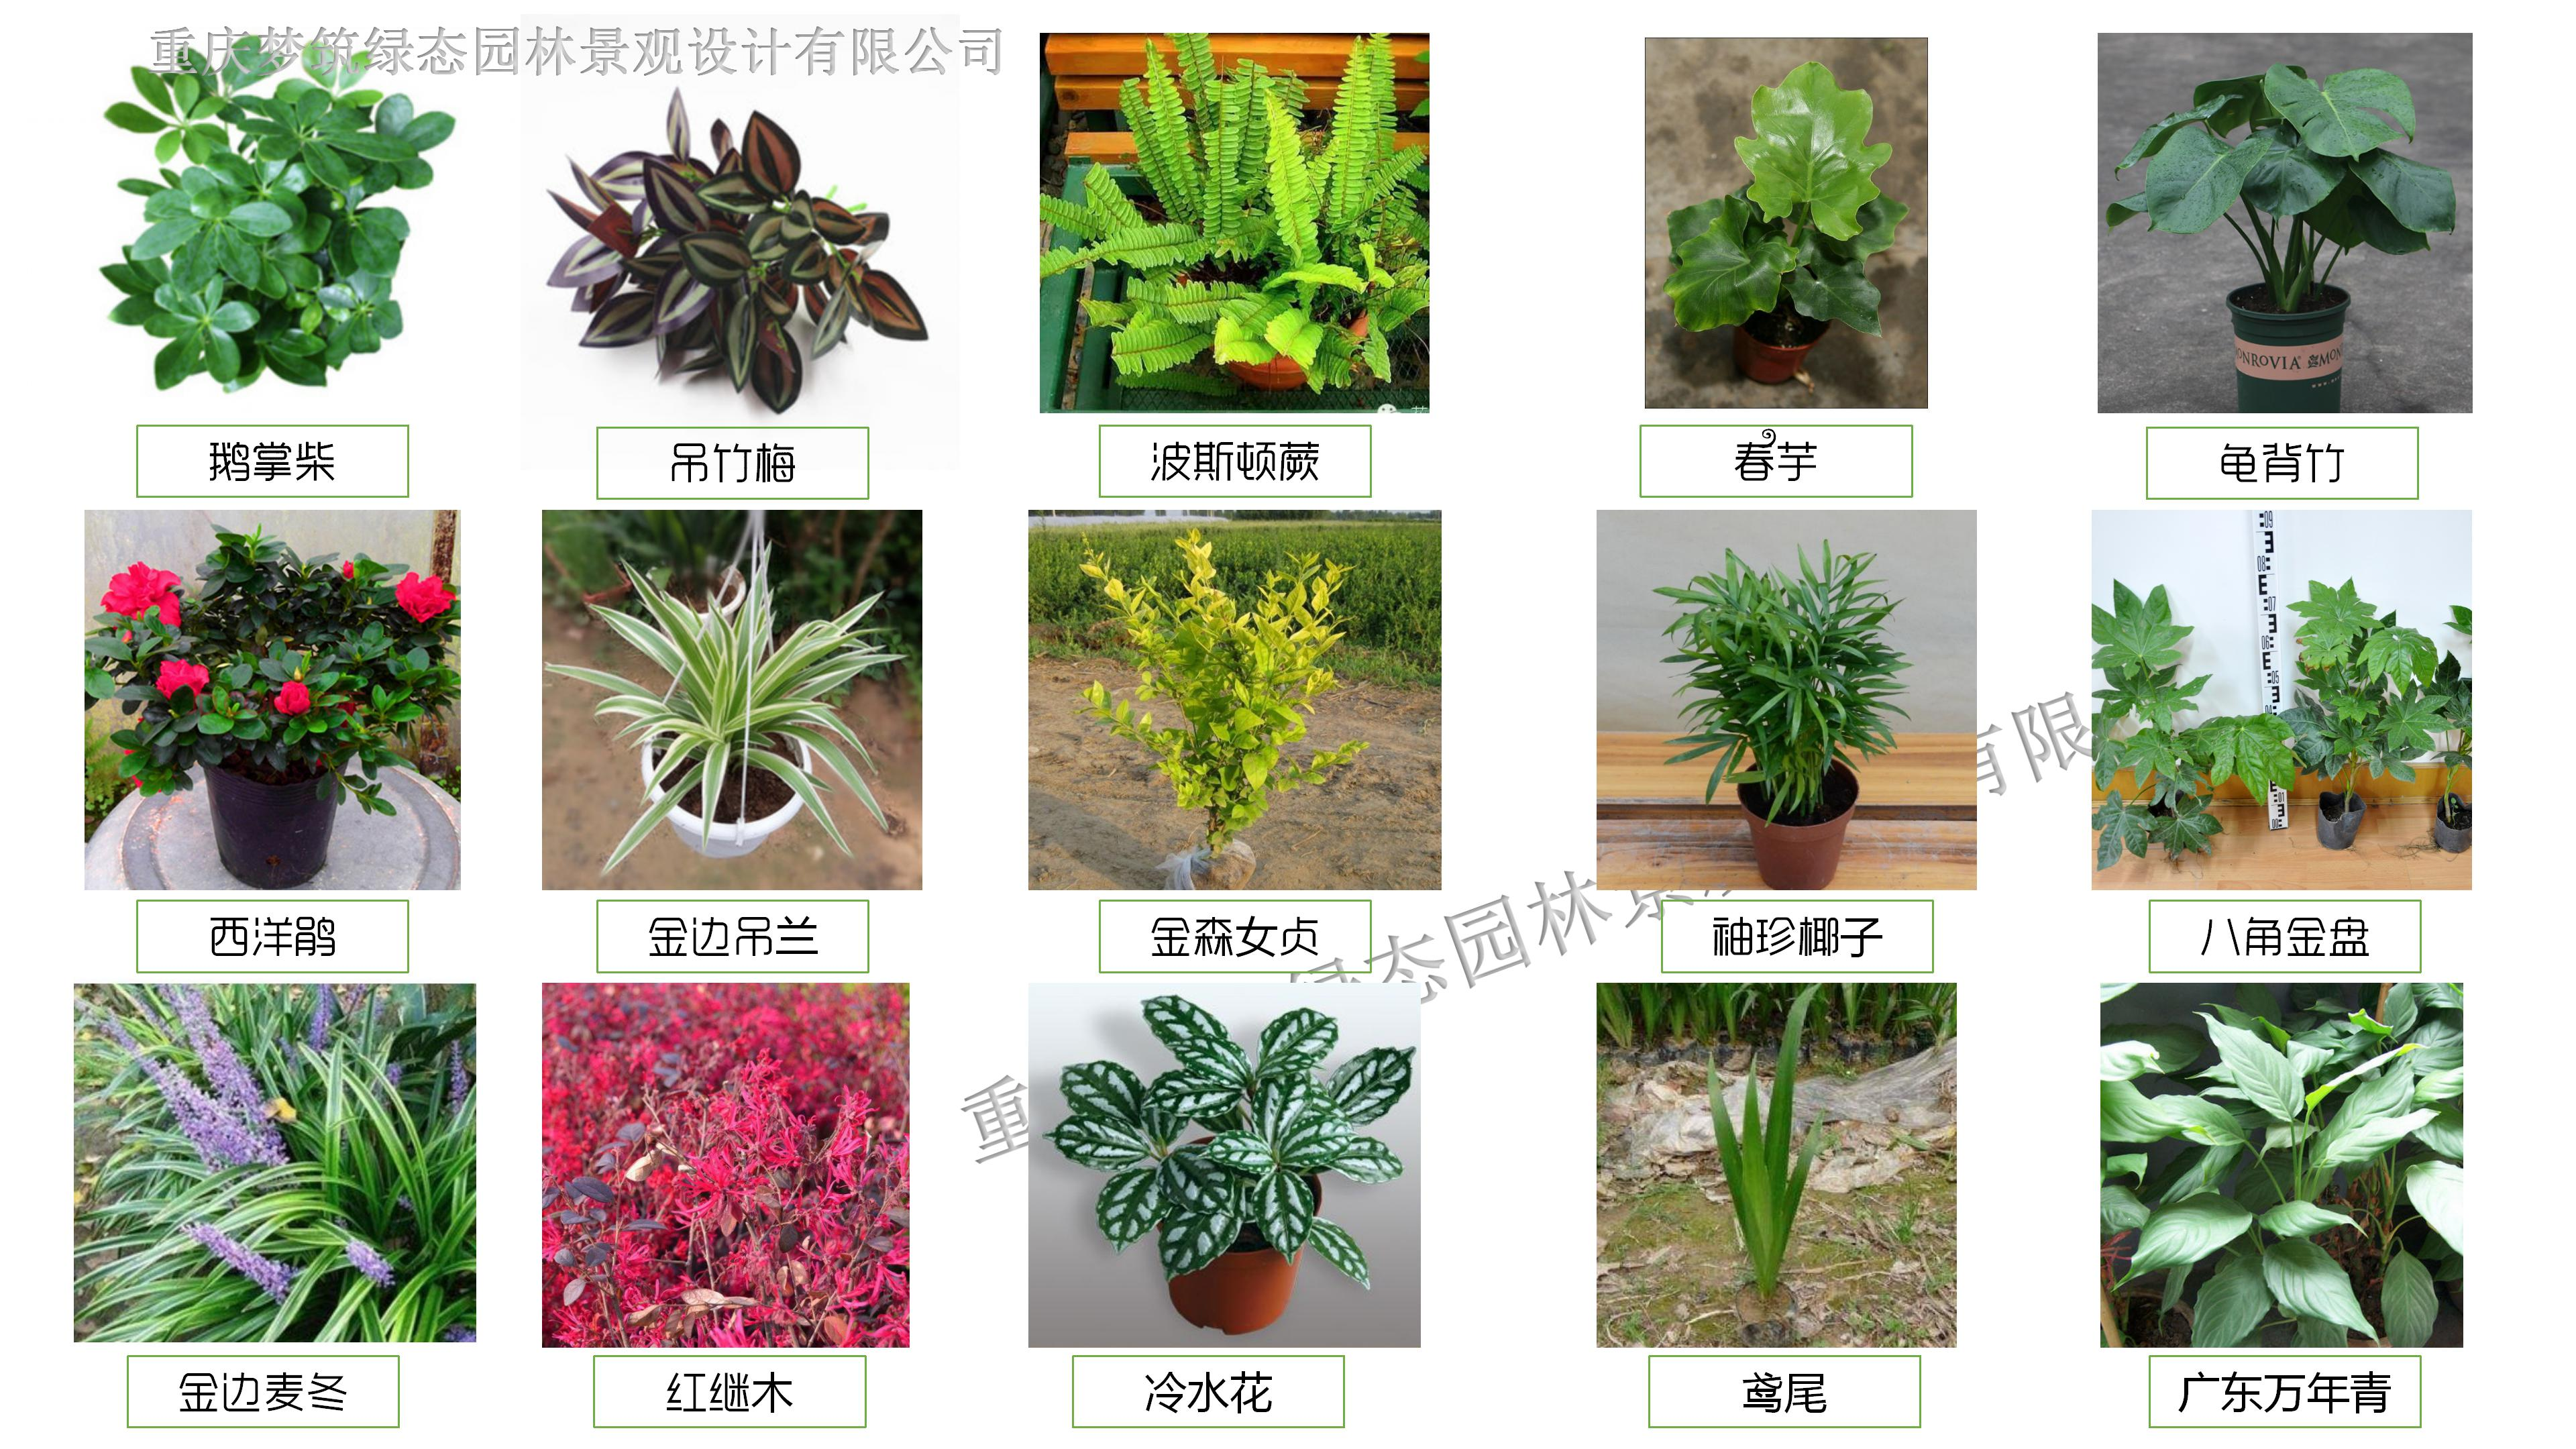 夢筑綠態垂直綠化植物品目.jpg